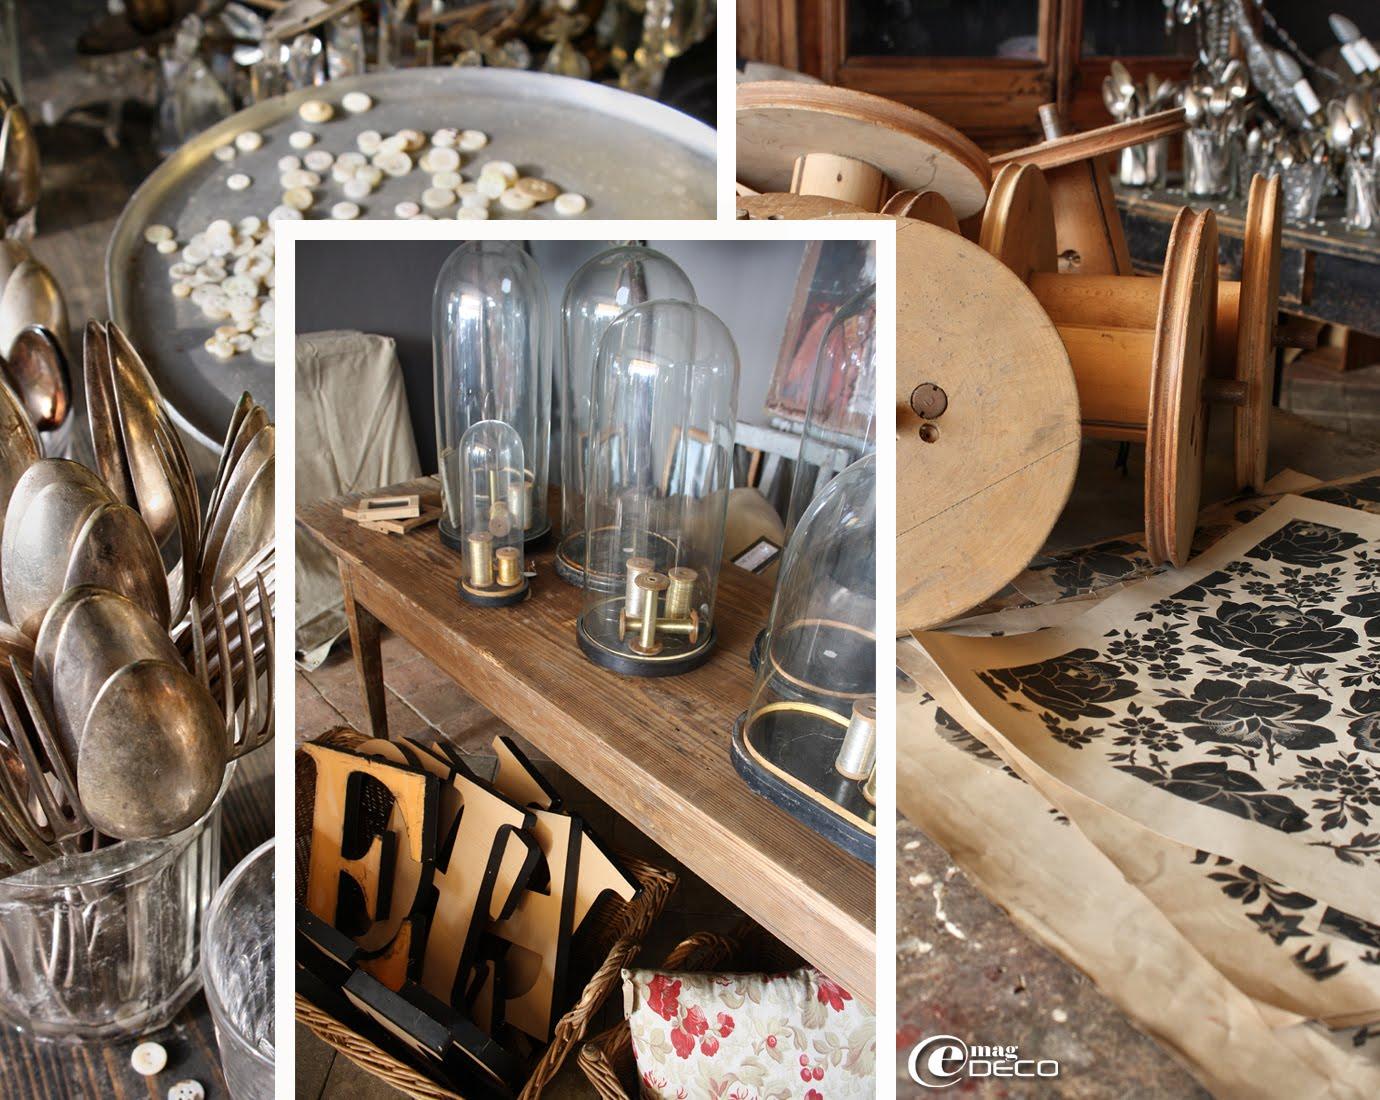 Vieux couverts en argent rangés dans des pots à confiture, bobines de fil industrielles en bois et vieilles planches sérigraphiées et collection de globes Napoléon III